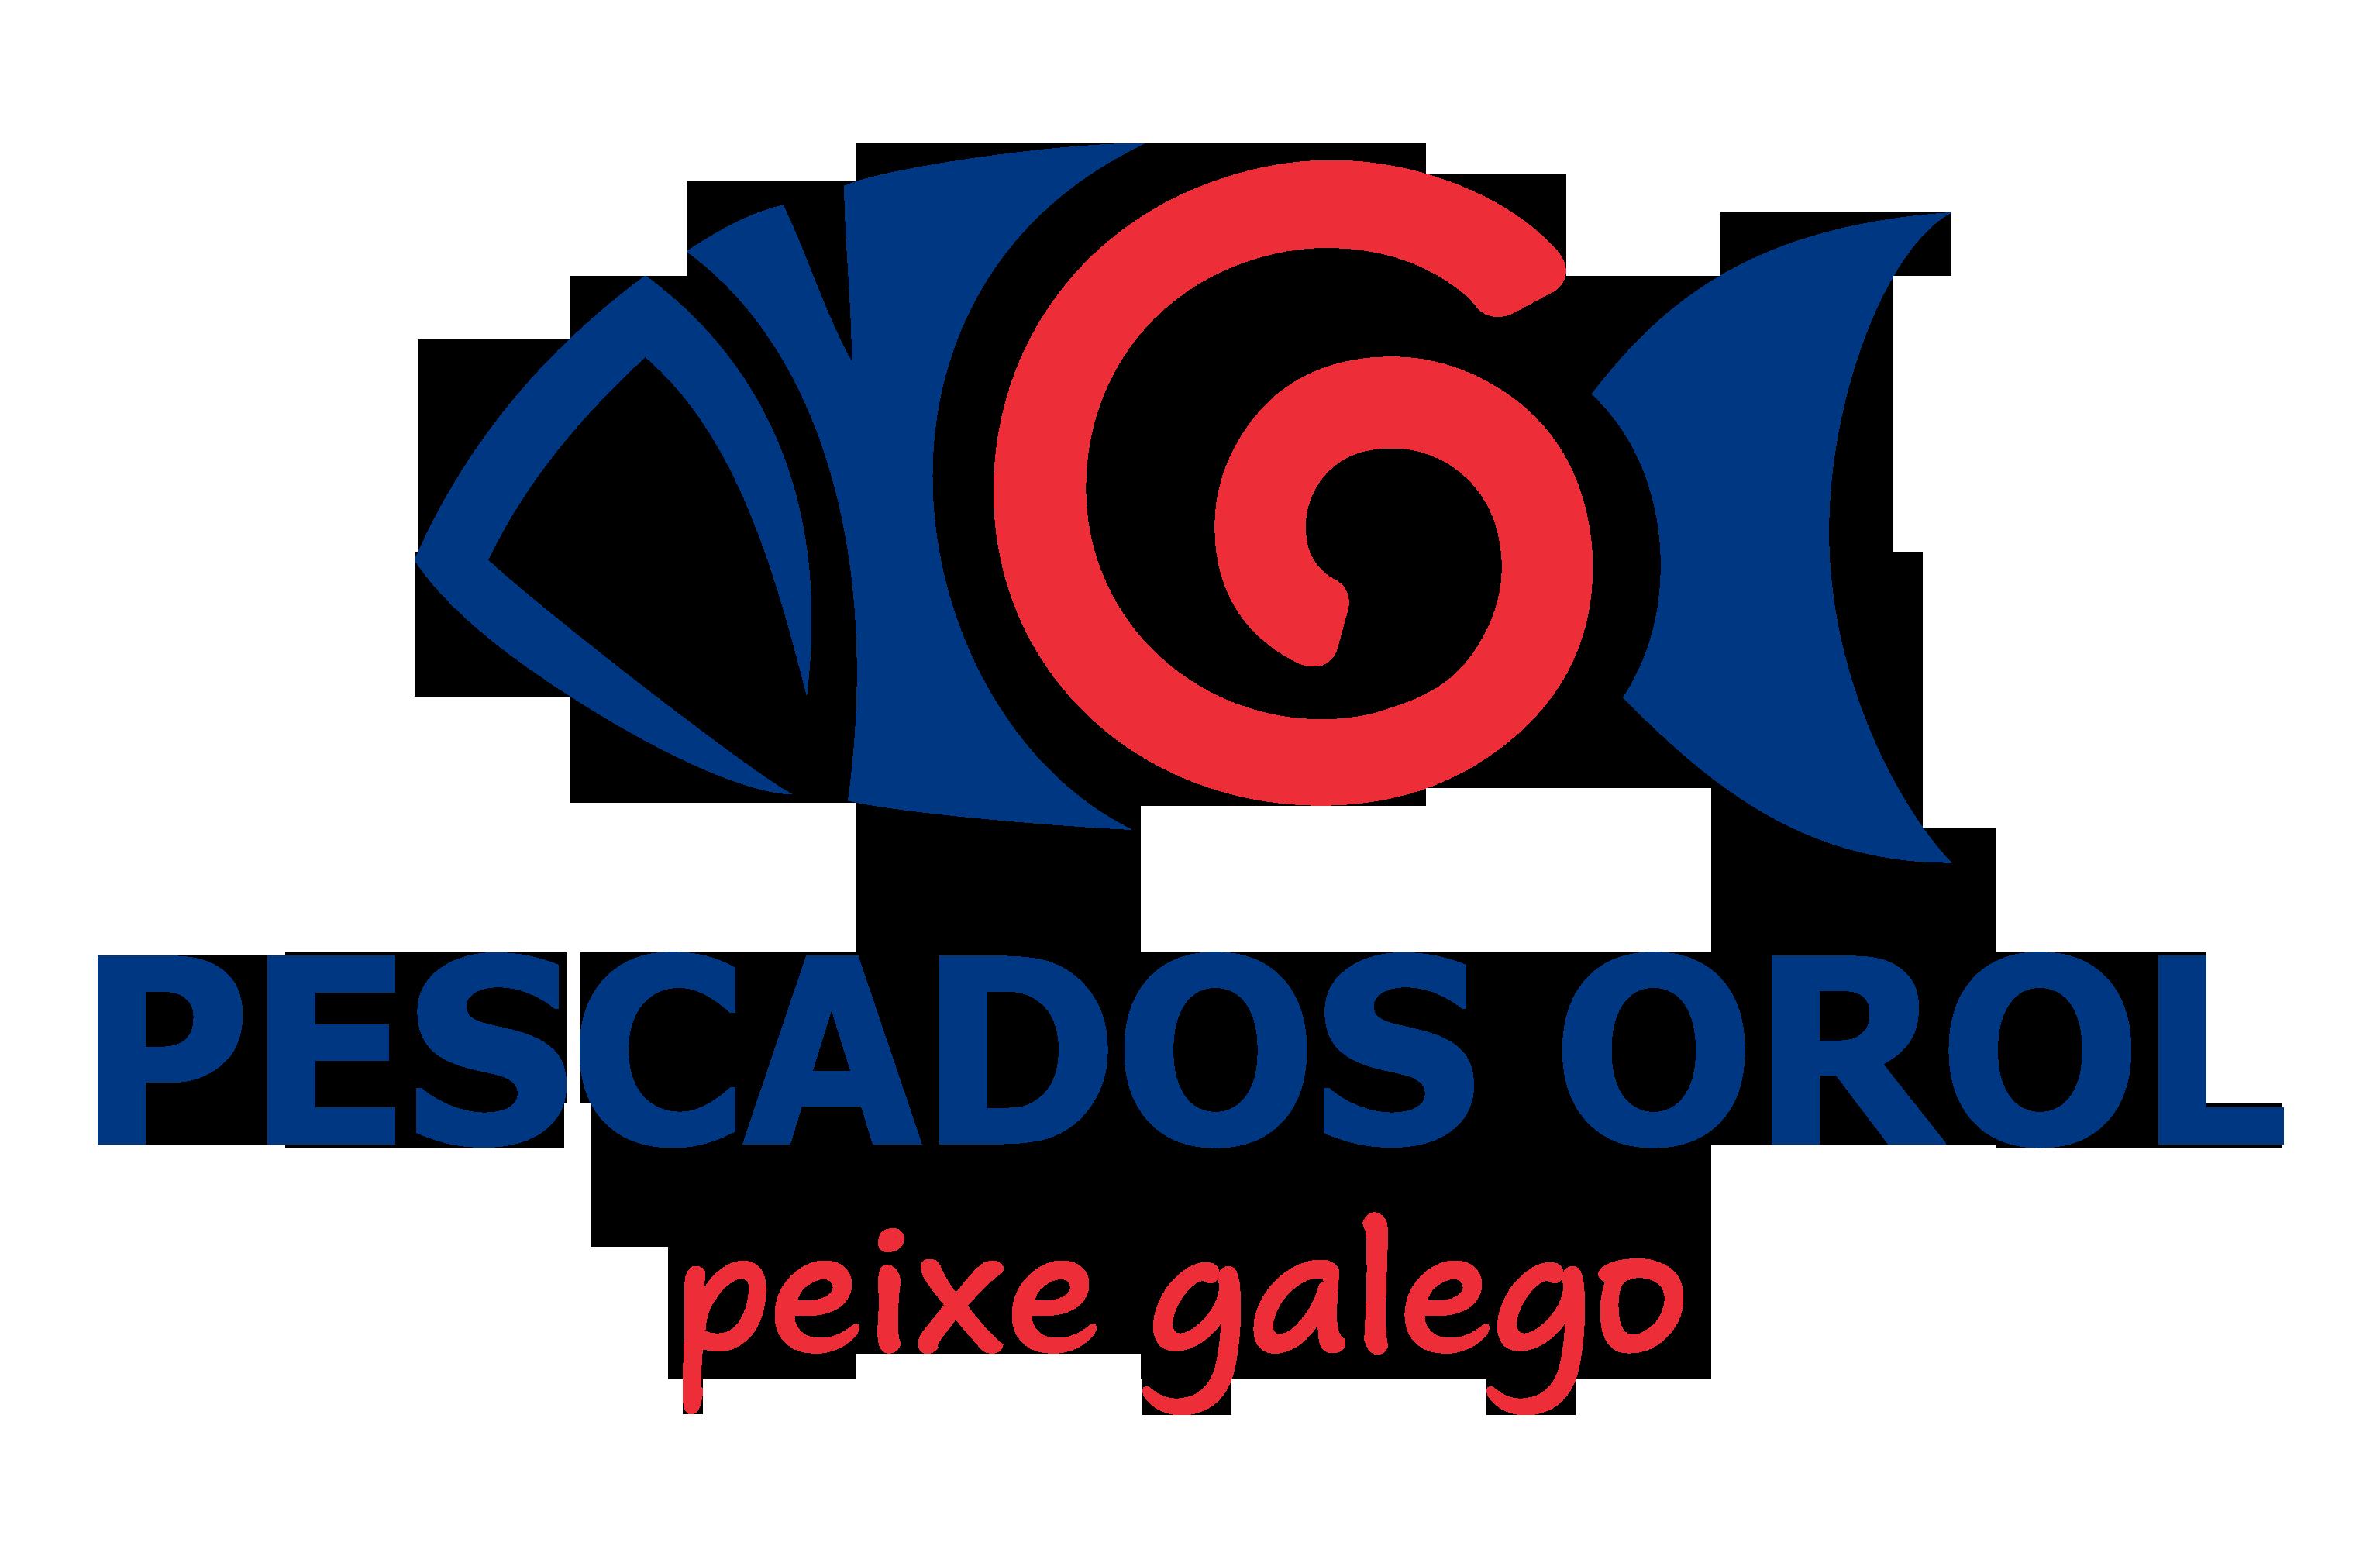 PESCADOS OROL S.L.